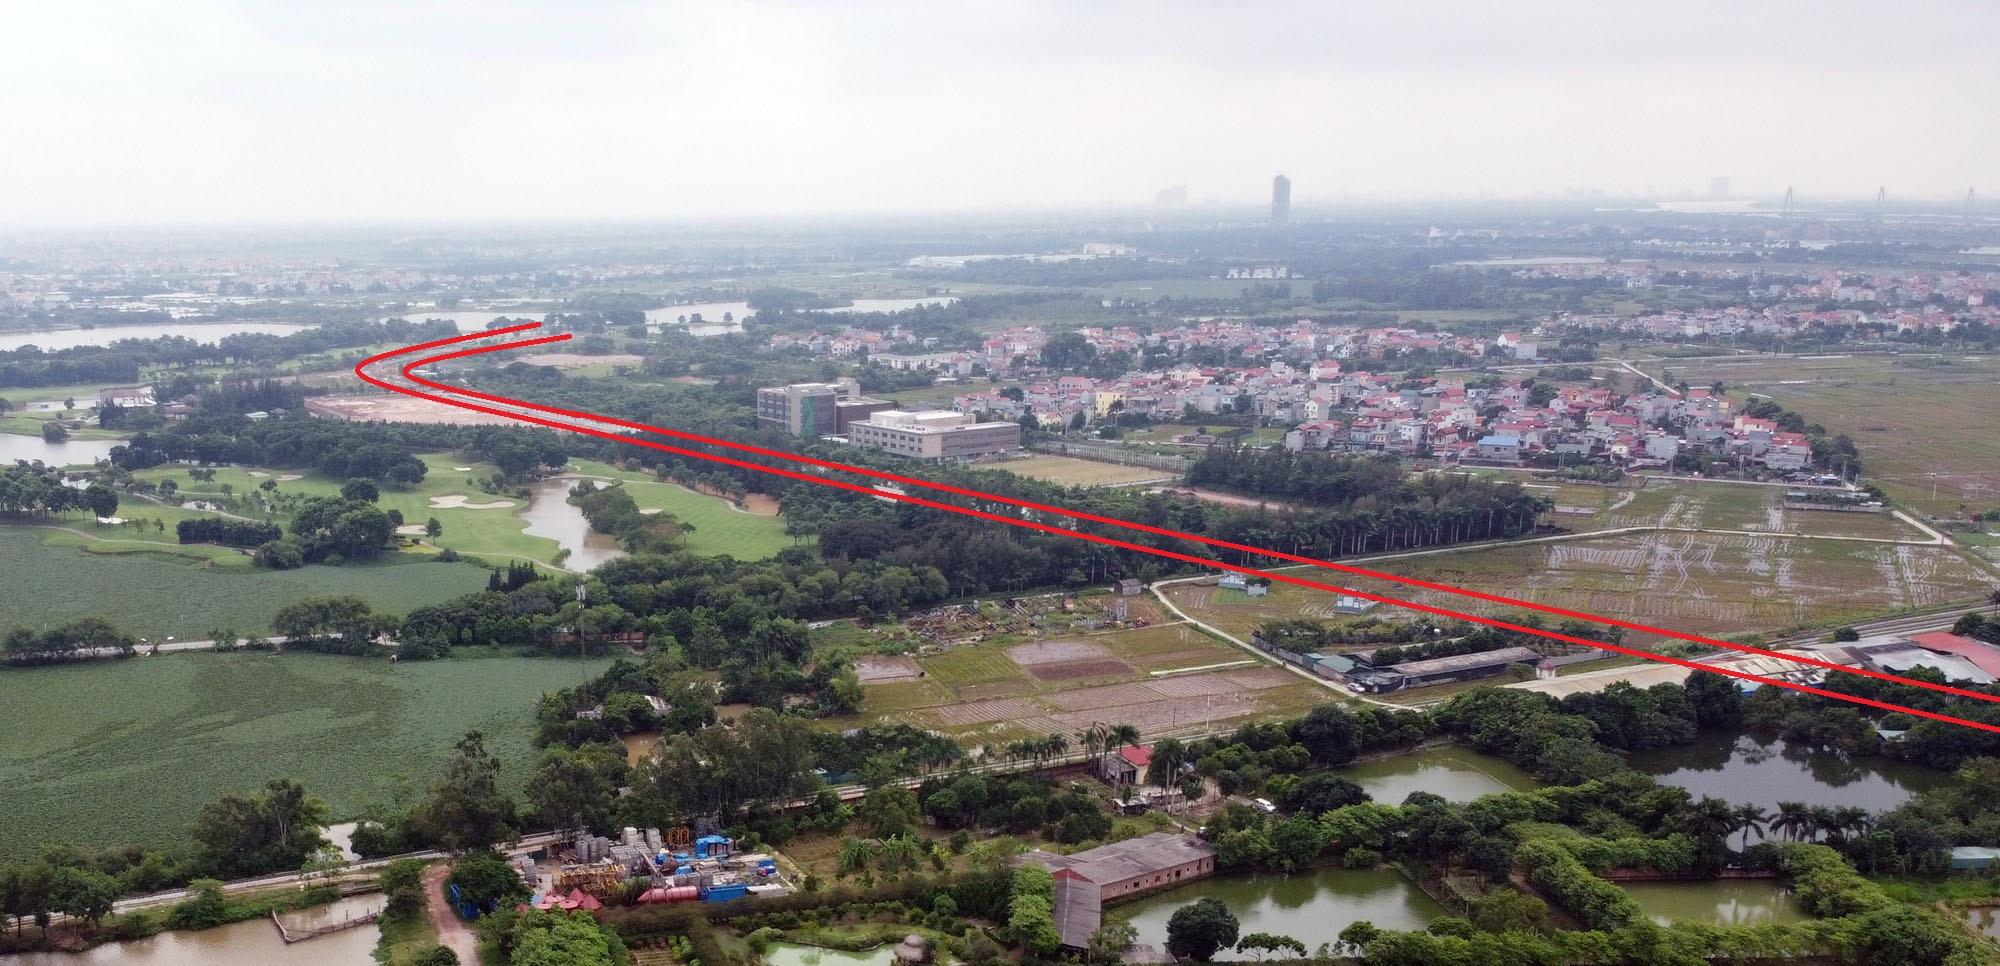 đường sẽ mở theo qui hoạch ở xã Kim Nỗ, Đông Anh, Hà Nội - Ảnh 17.